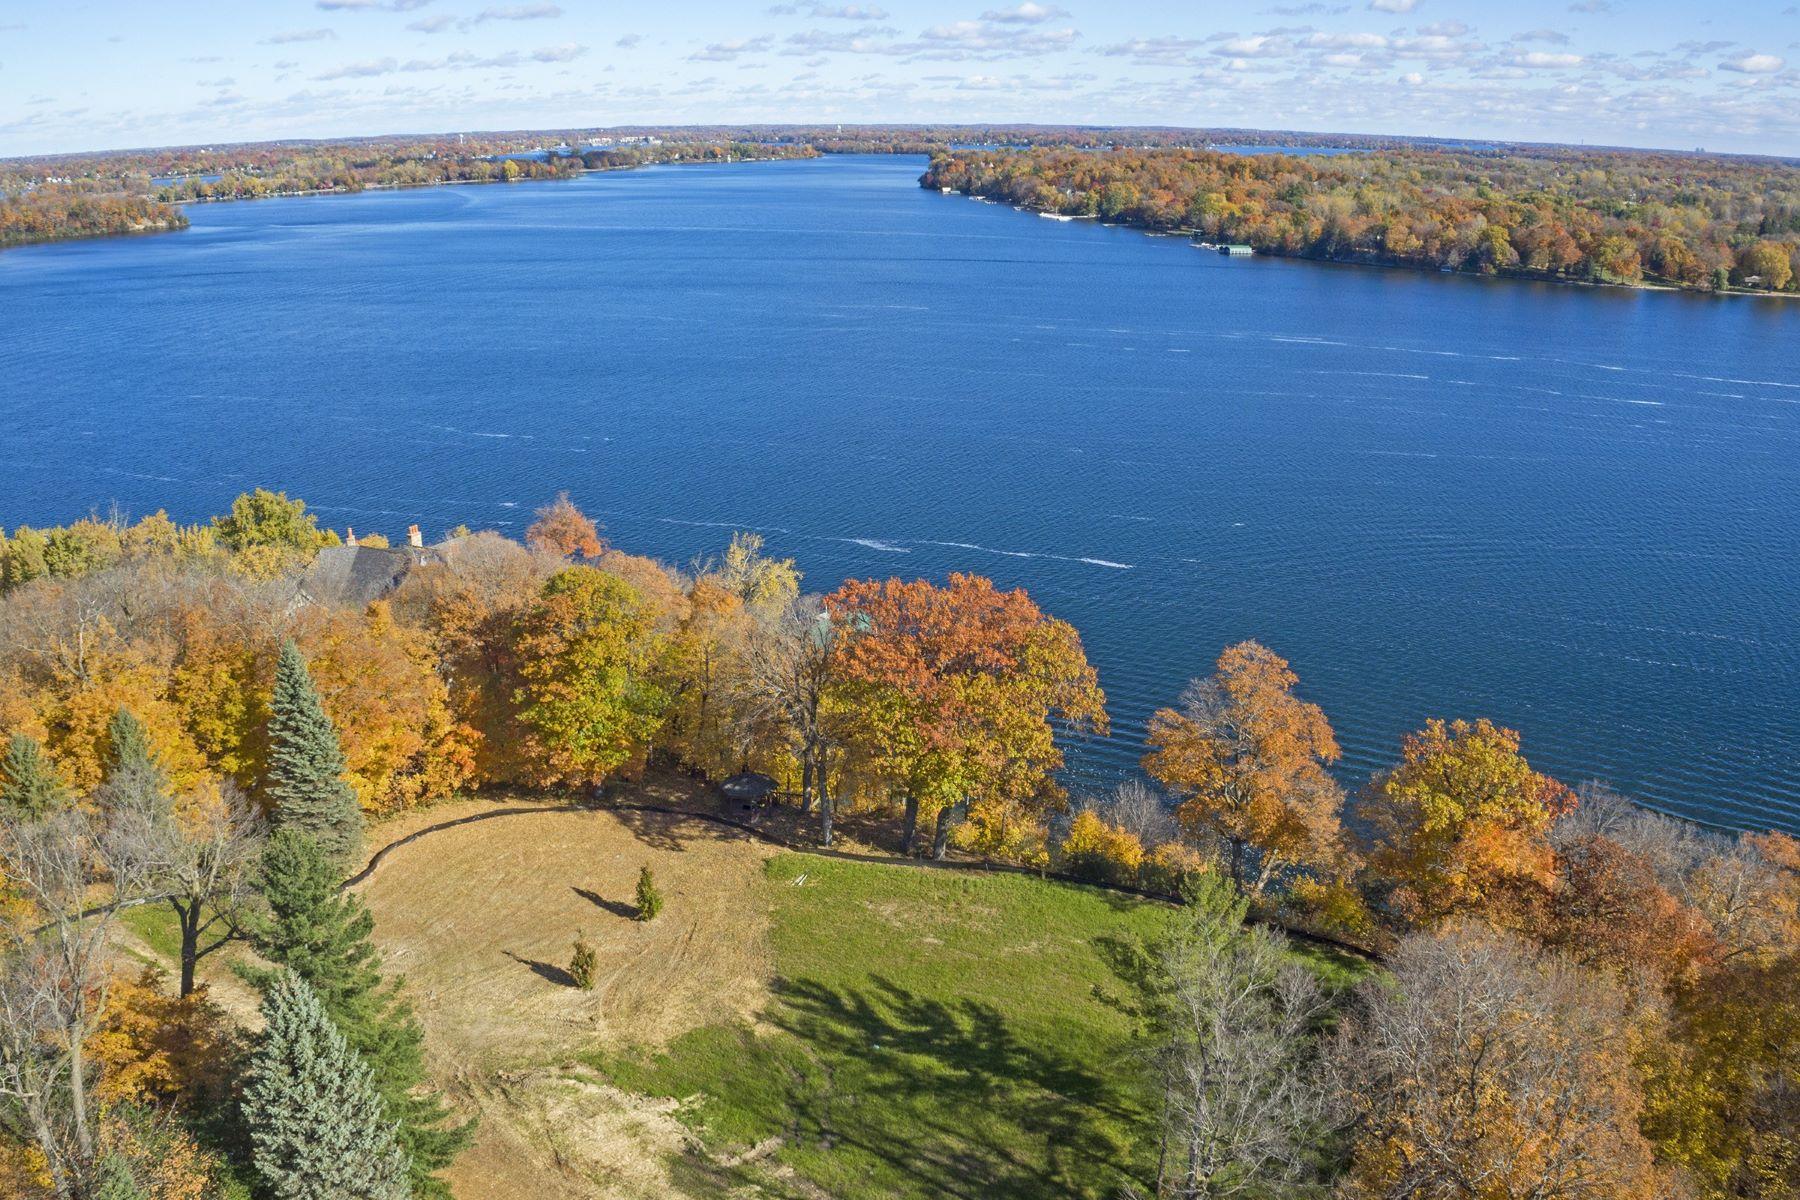 土地,用地 为 销售 在 6455 Hawks Pointe Lane 扎塔, 明尼苏达州 55331 美国